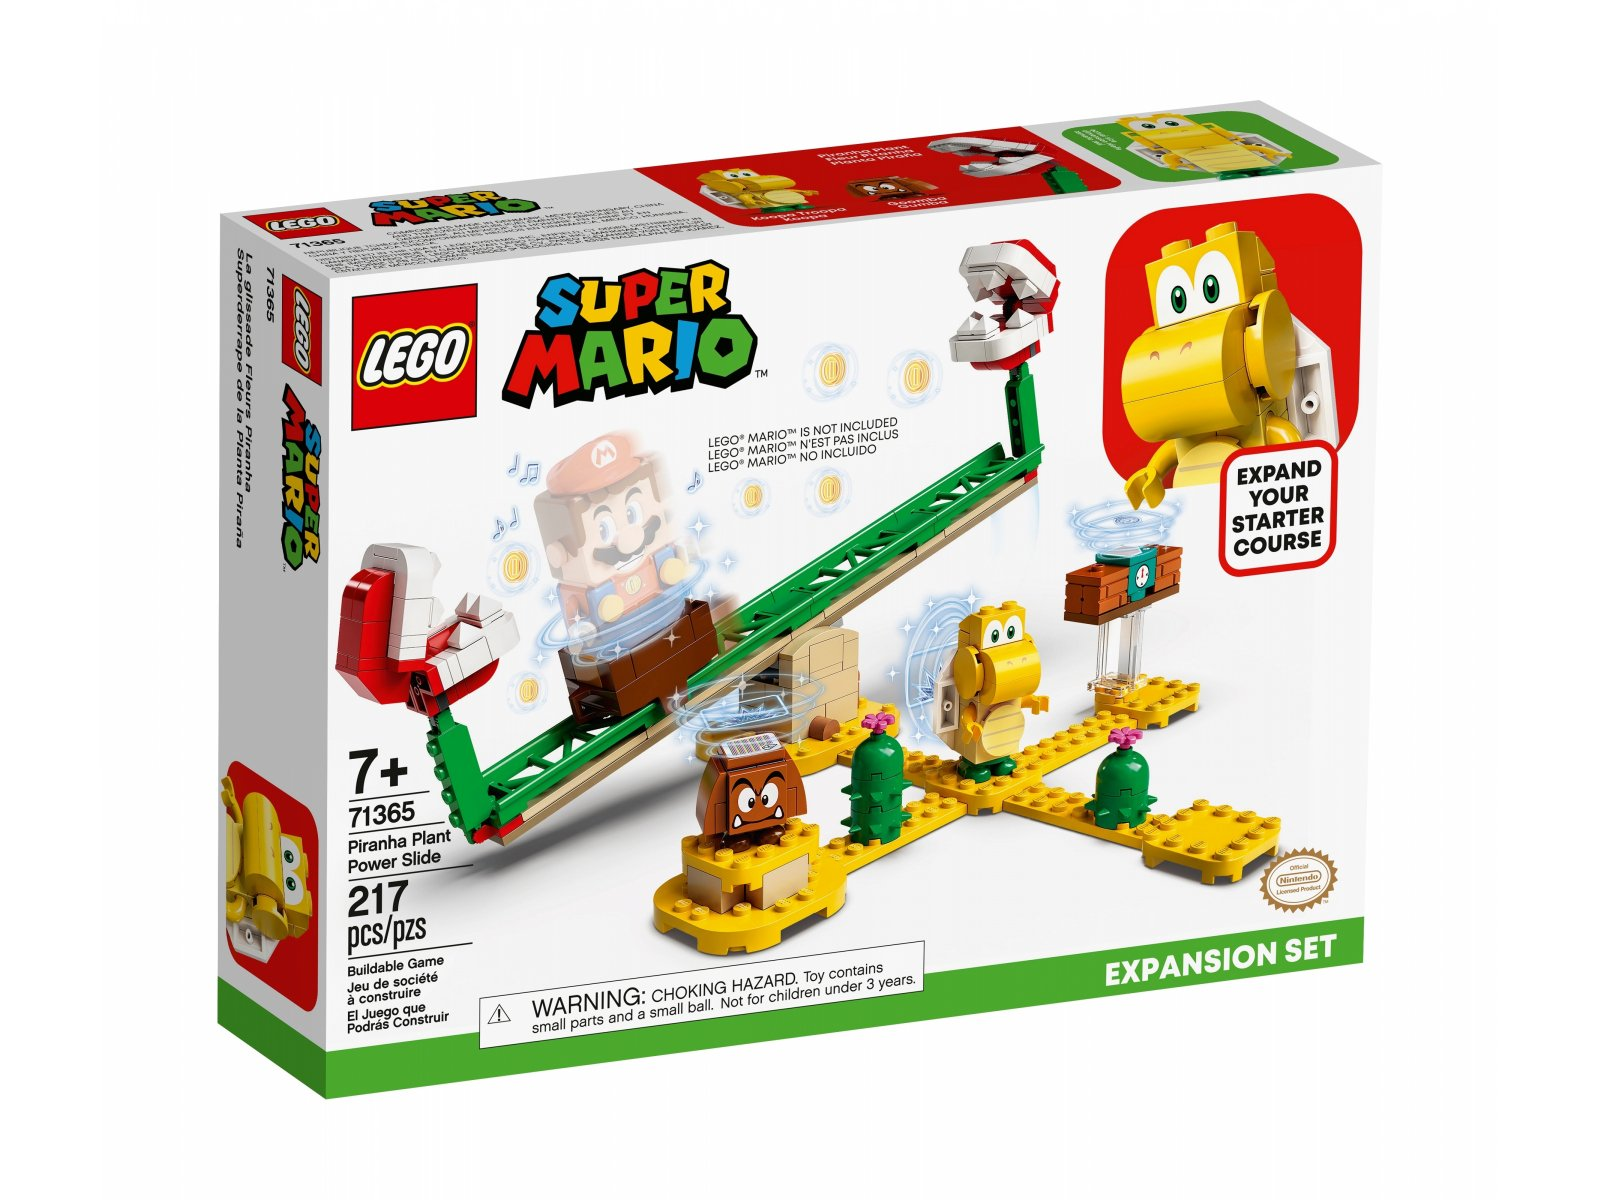 LEGO Super Mario™ Megazjeżdżalnia Piranha Plant - zestaw rozszerzający 71365